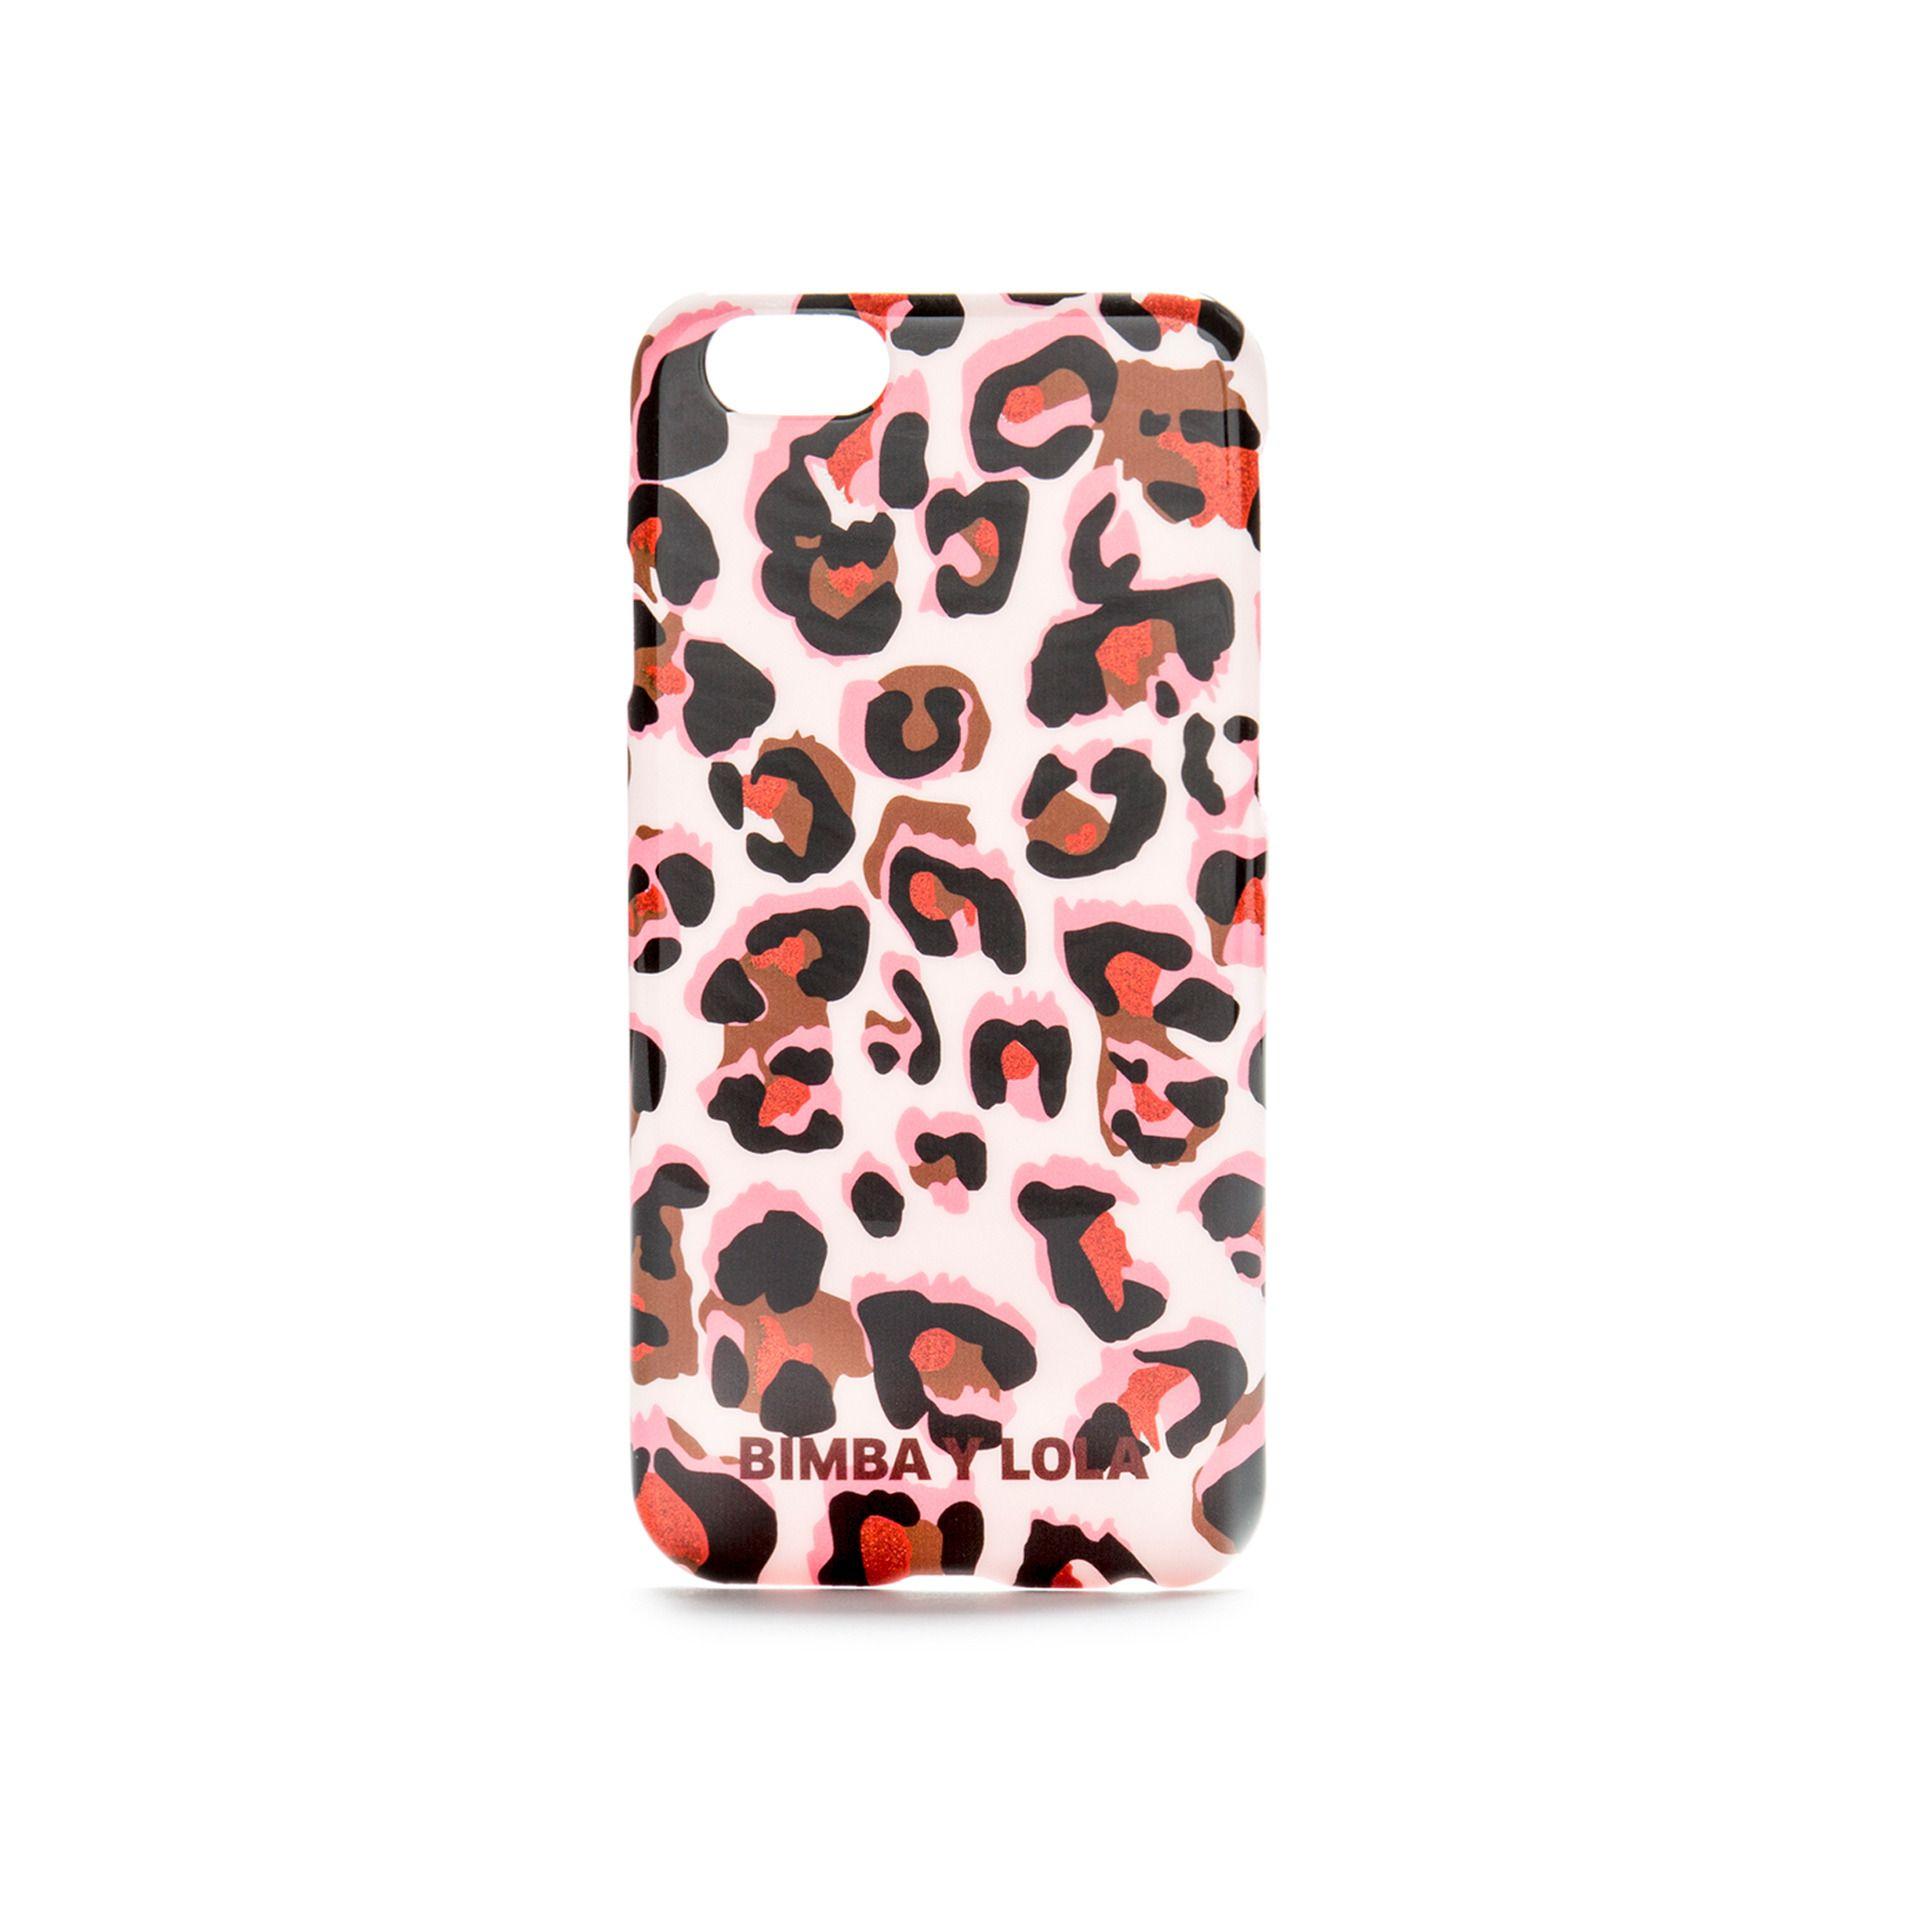 bimba y lola funda iphone 6